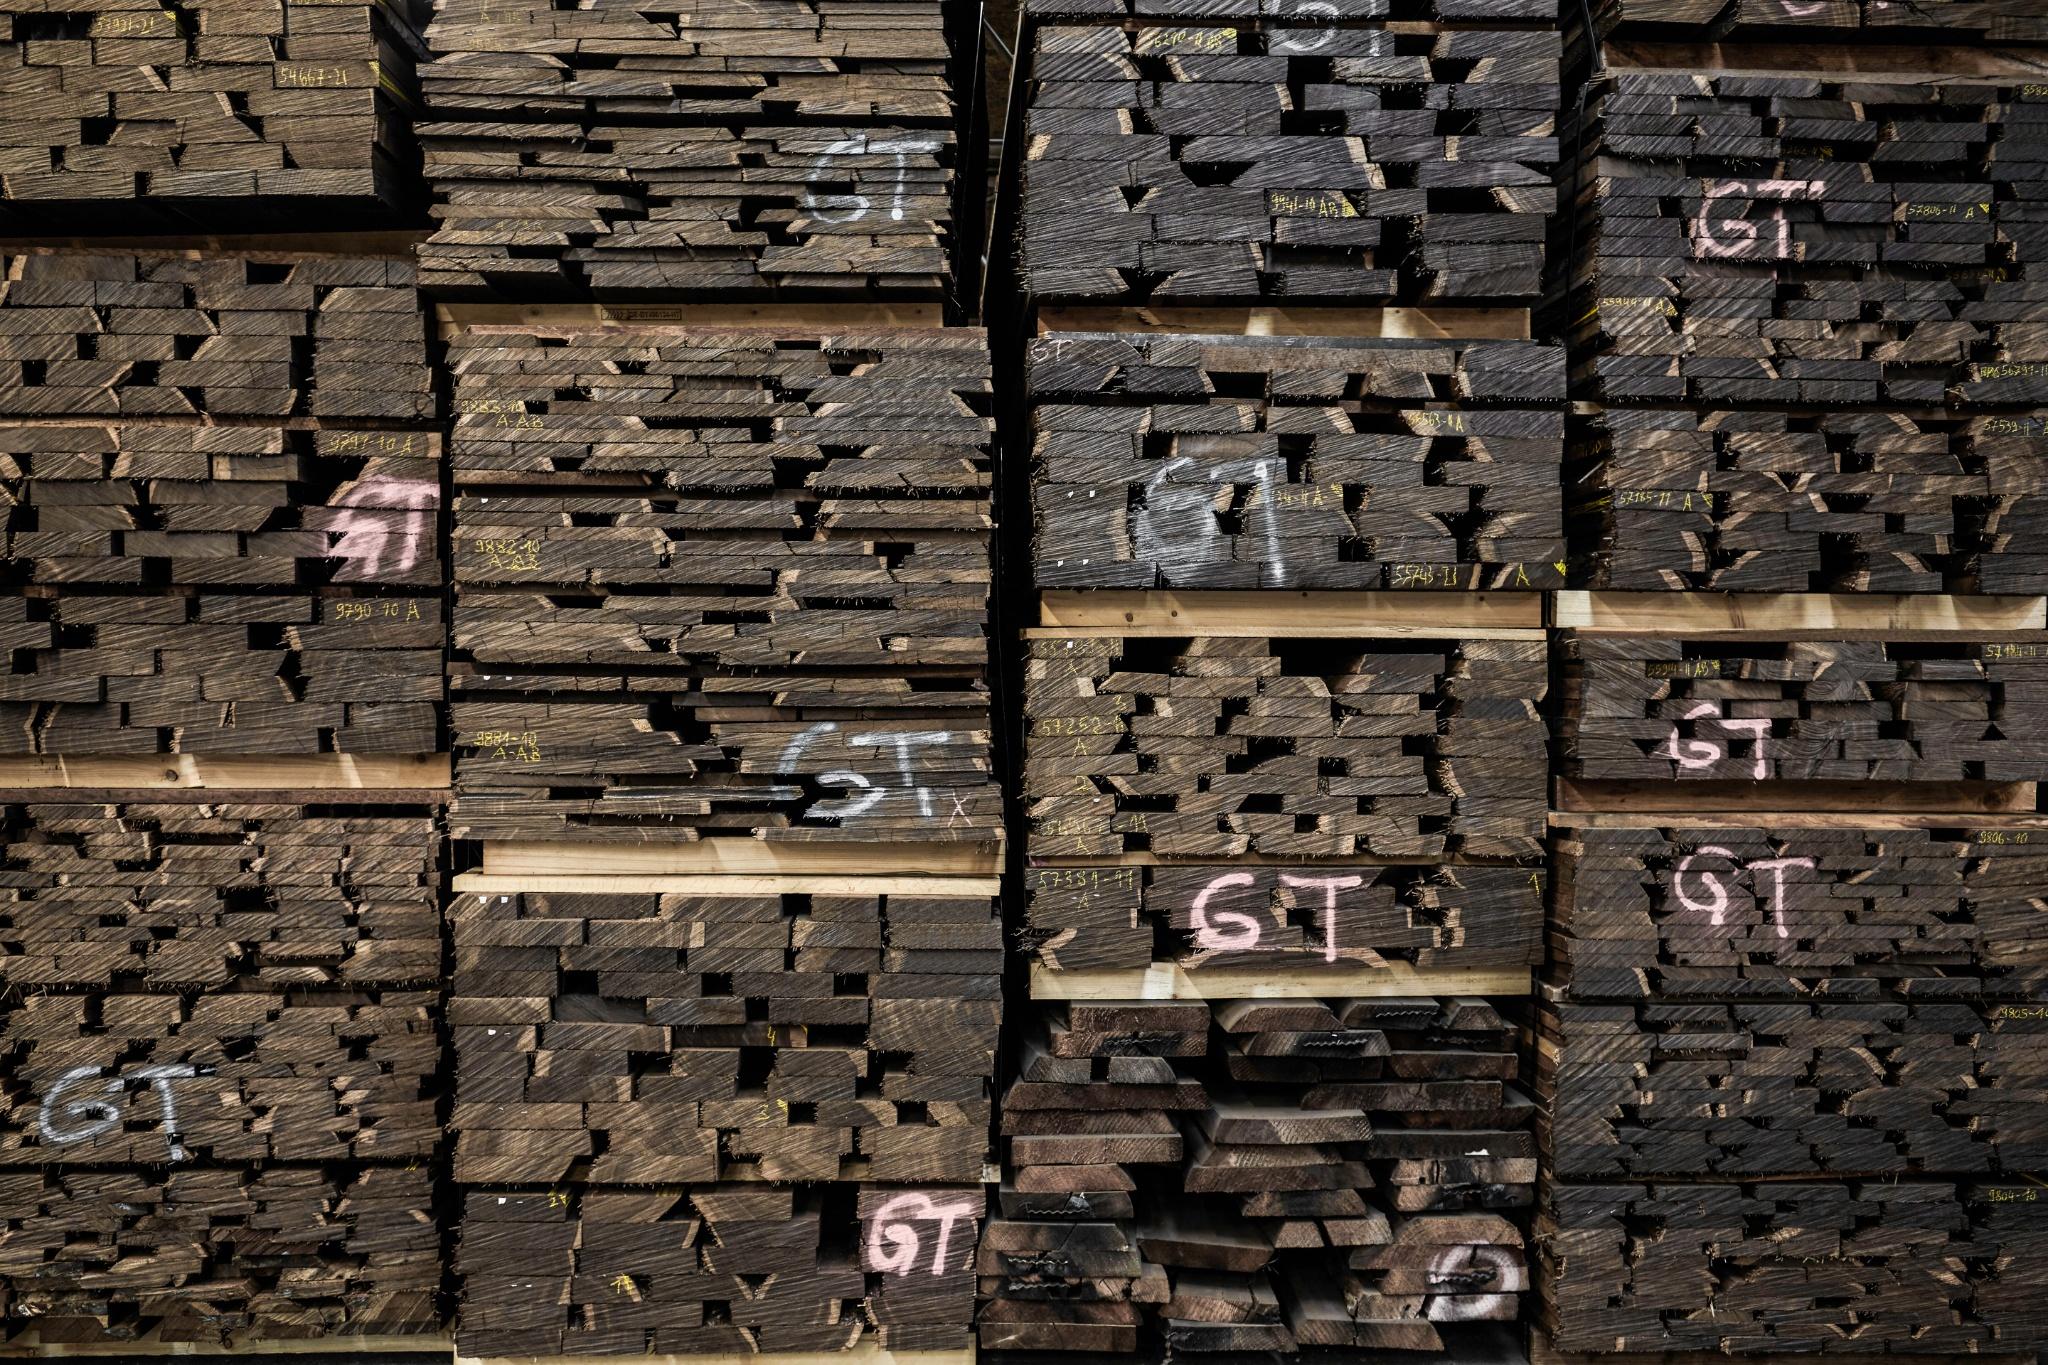 Global Timber - Stacks